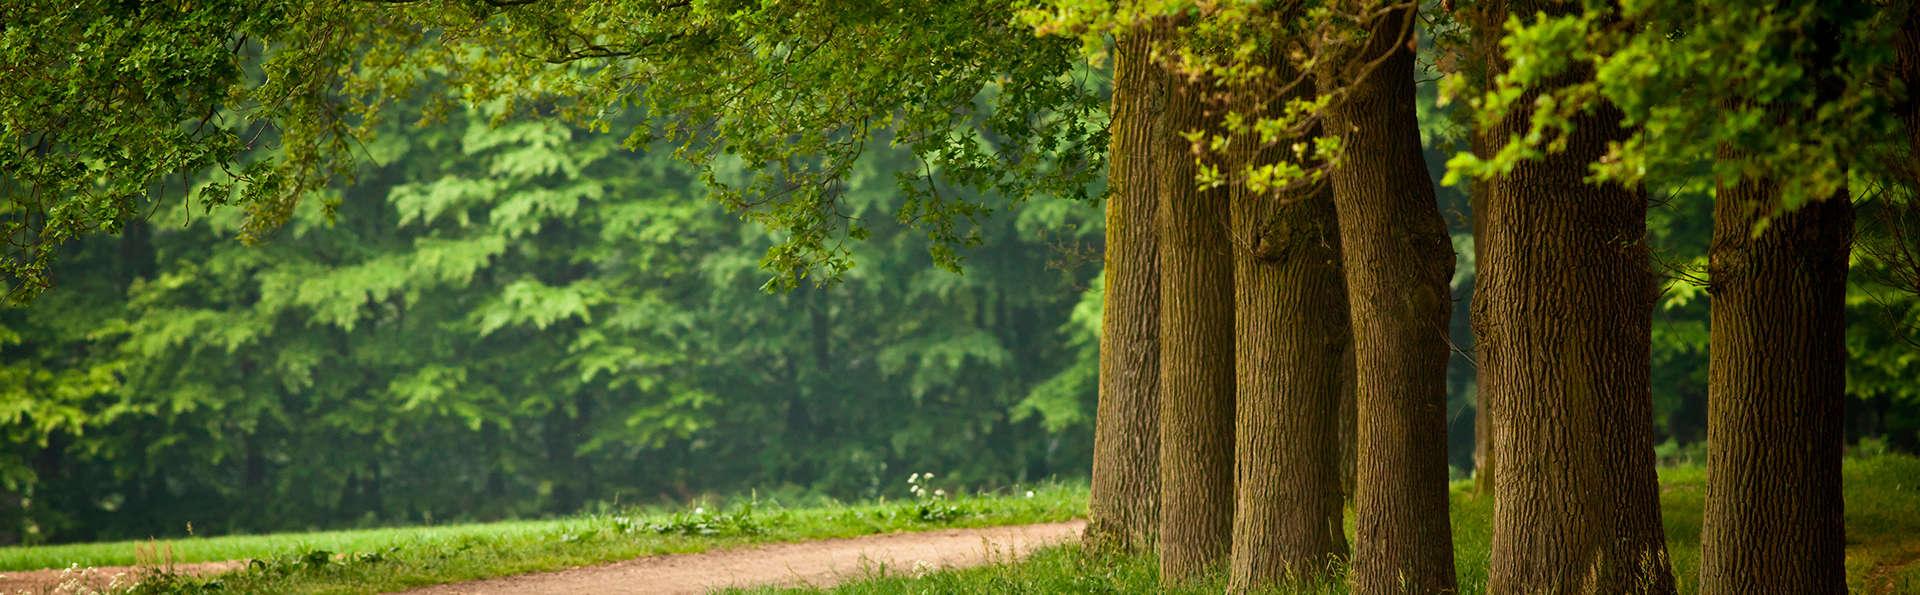 Dîner dans le cadre verdoyant de la province de Gueldre